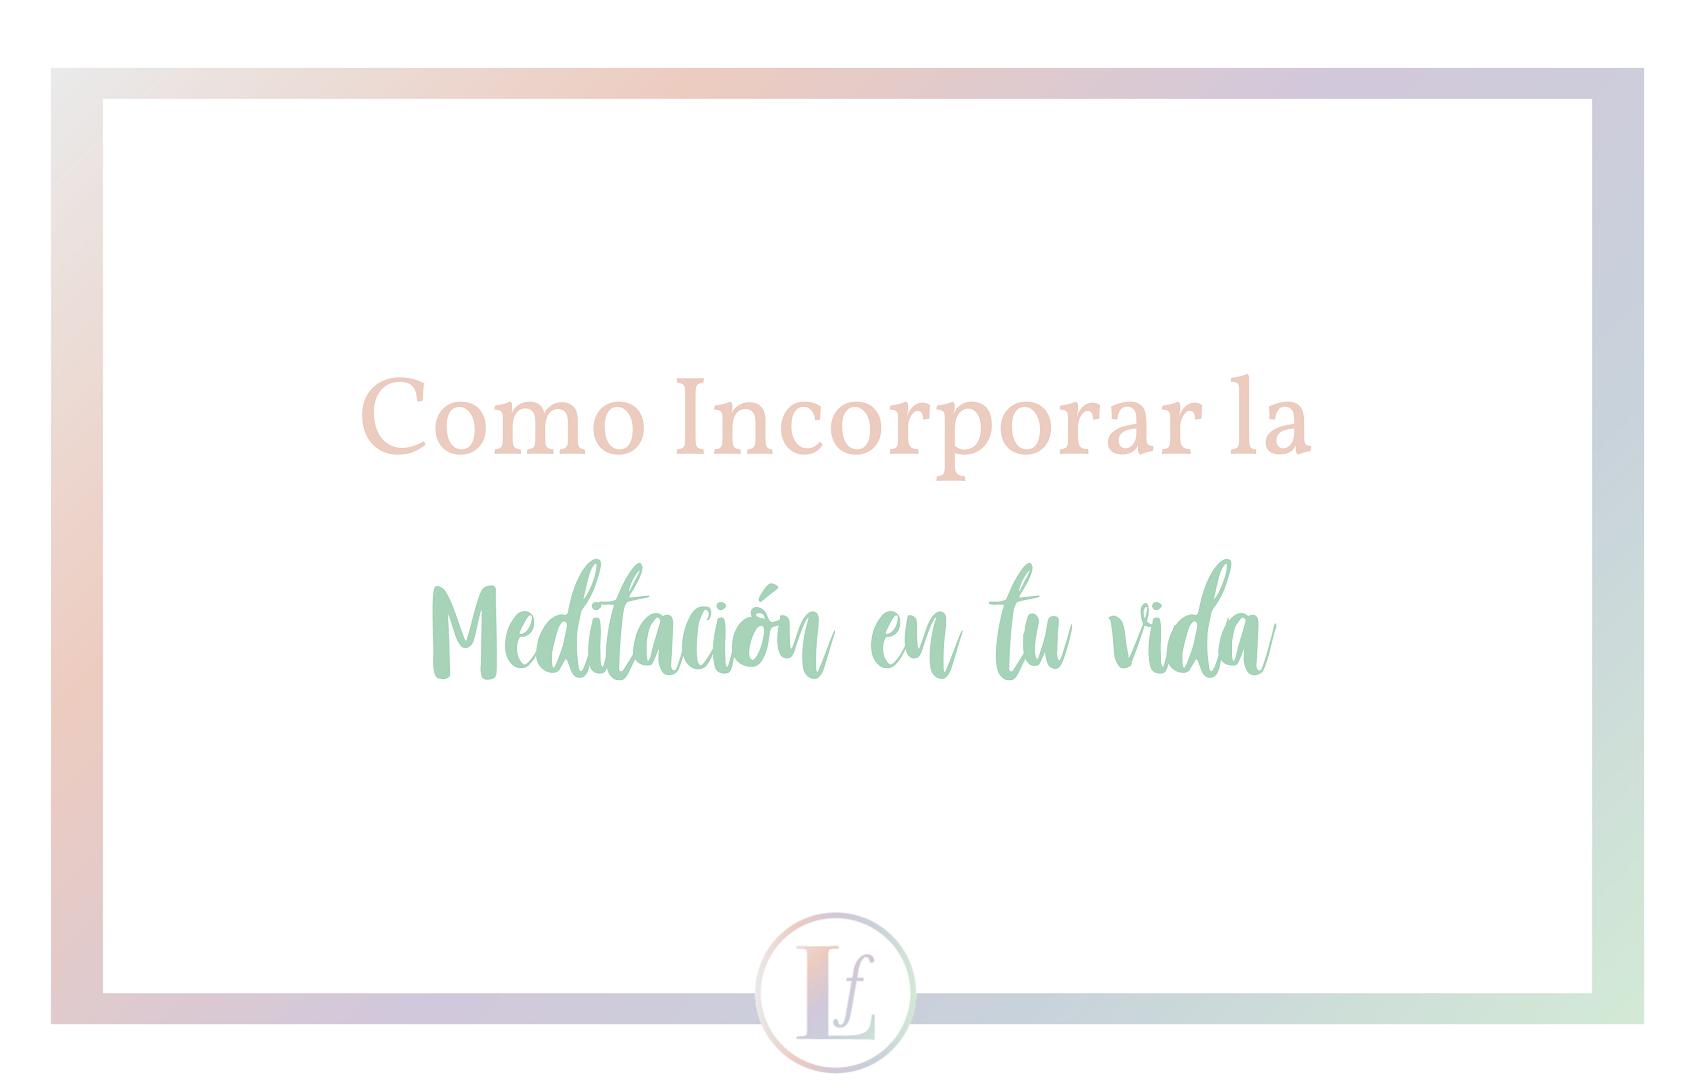 Cómo incorporar la meditación en tu vida